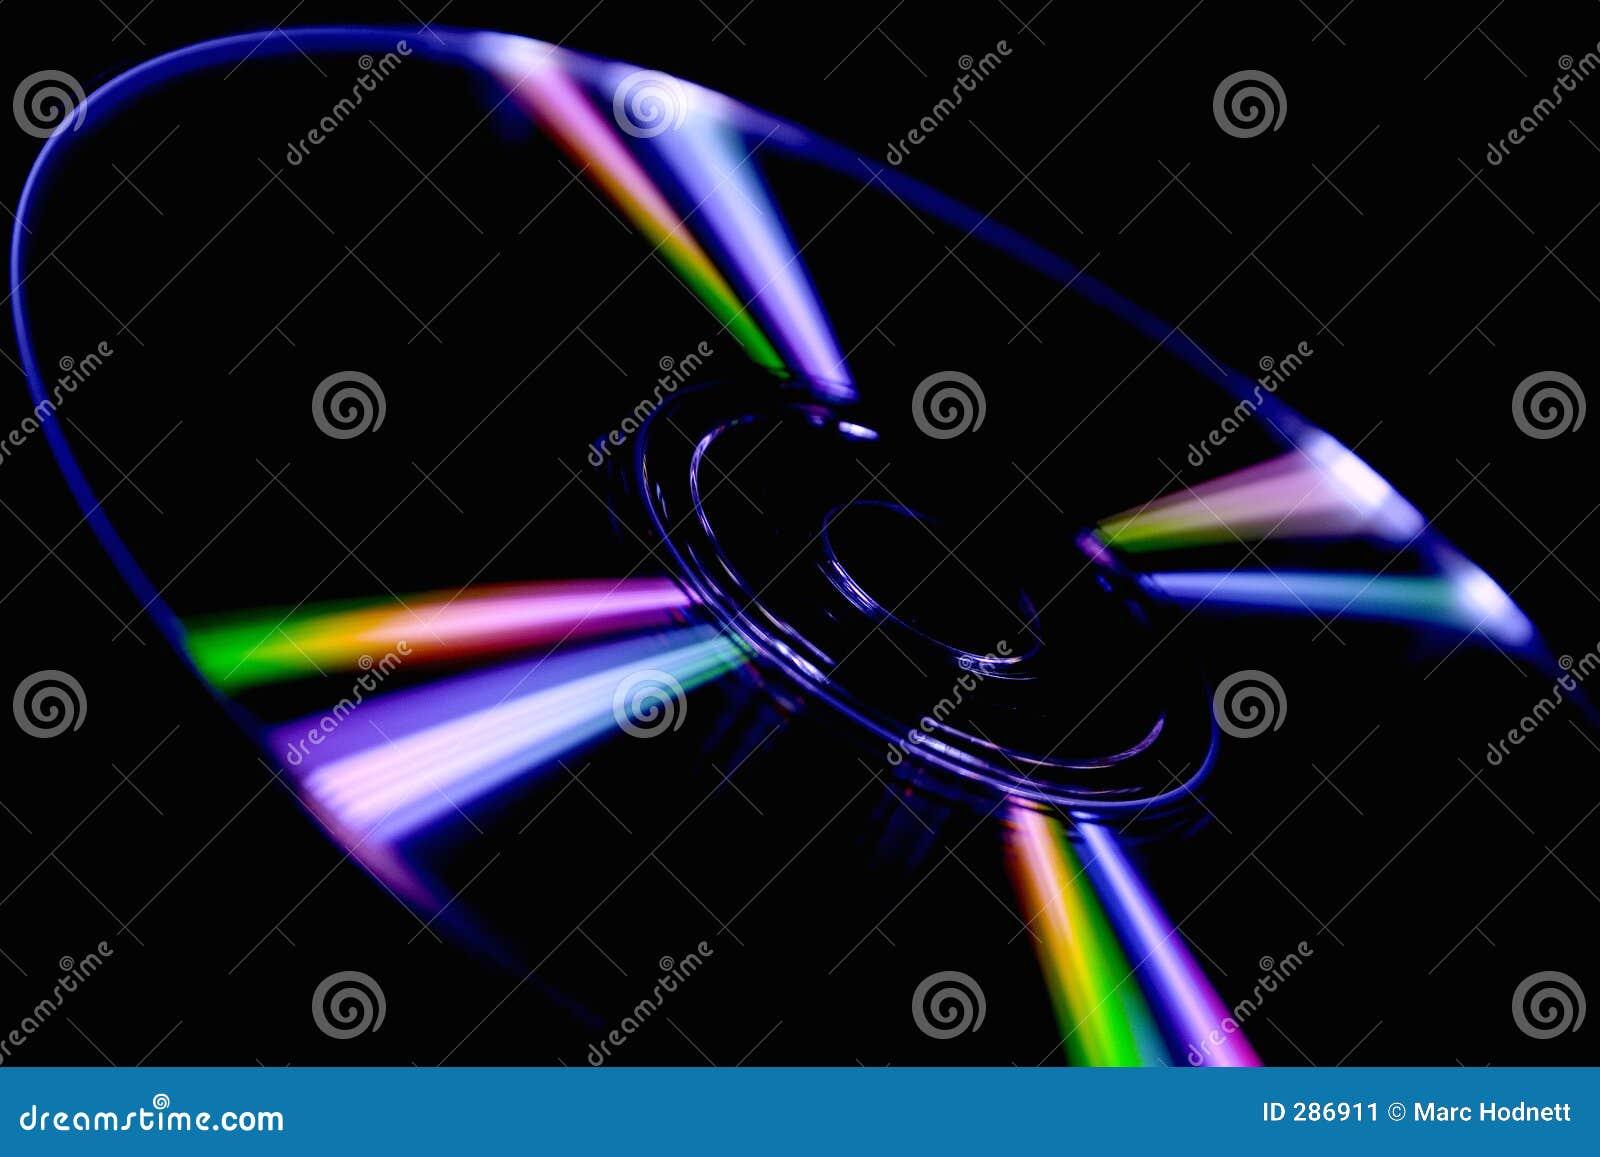 CD schijf